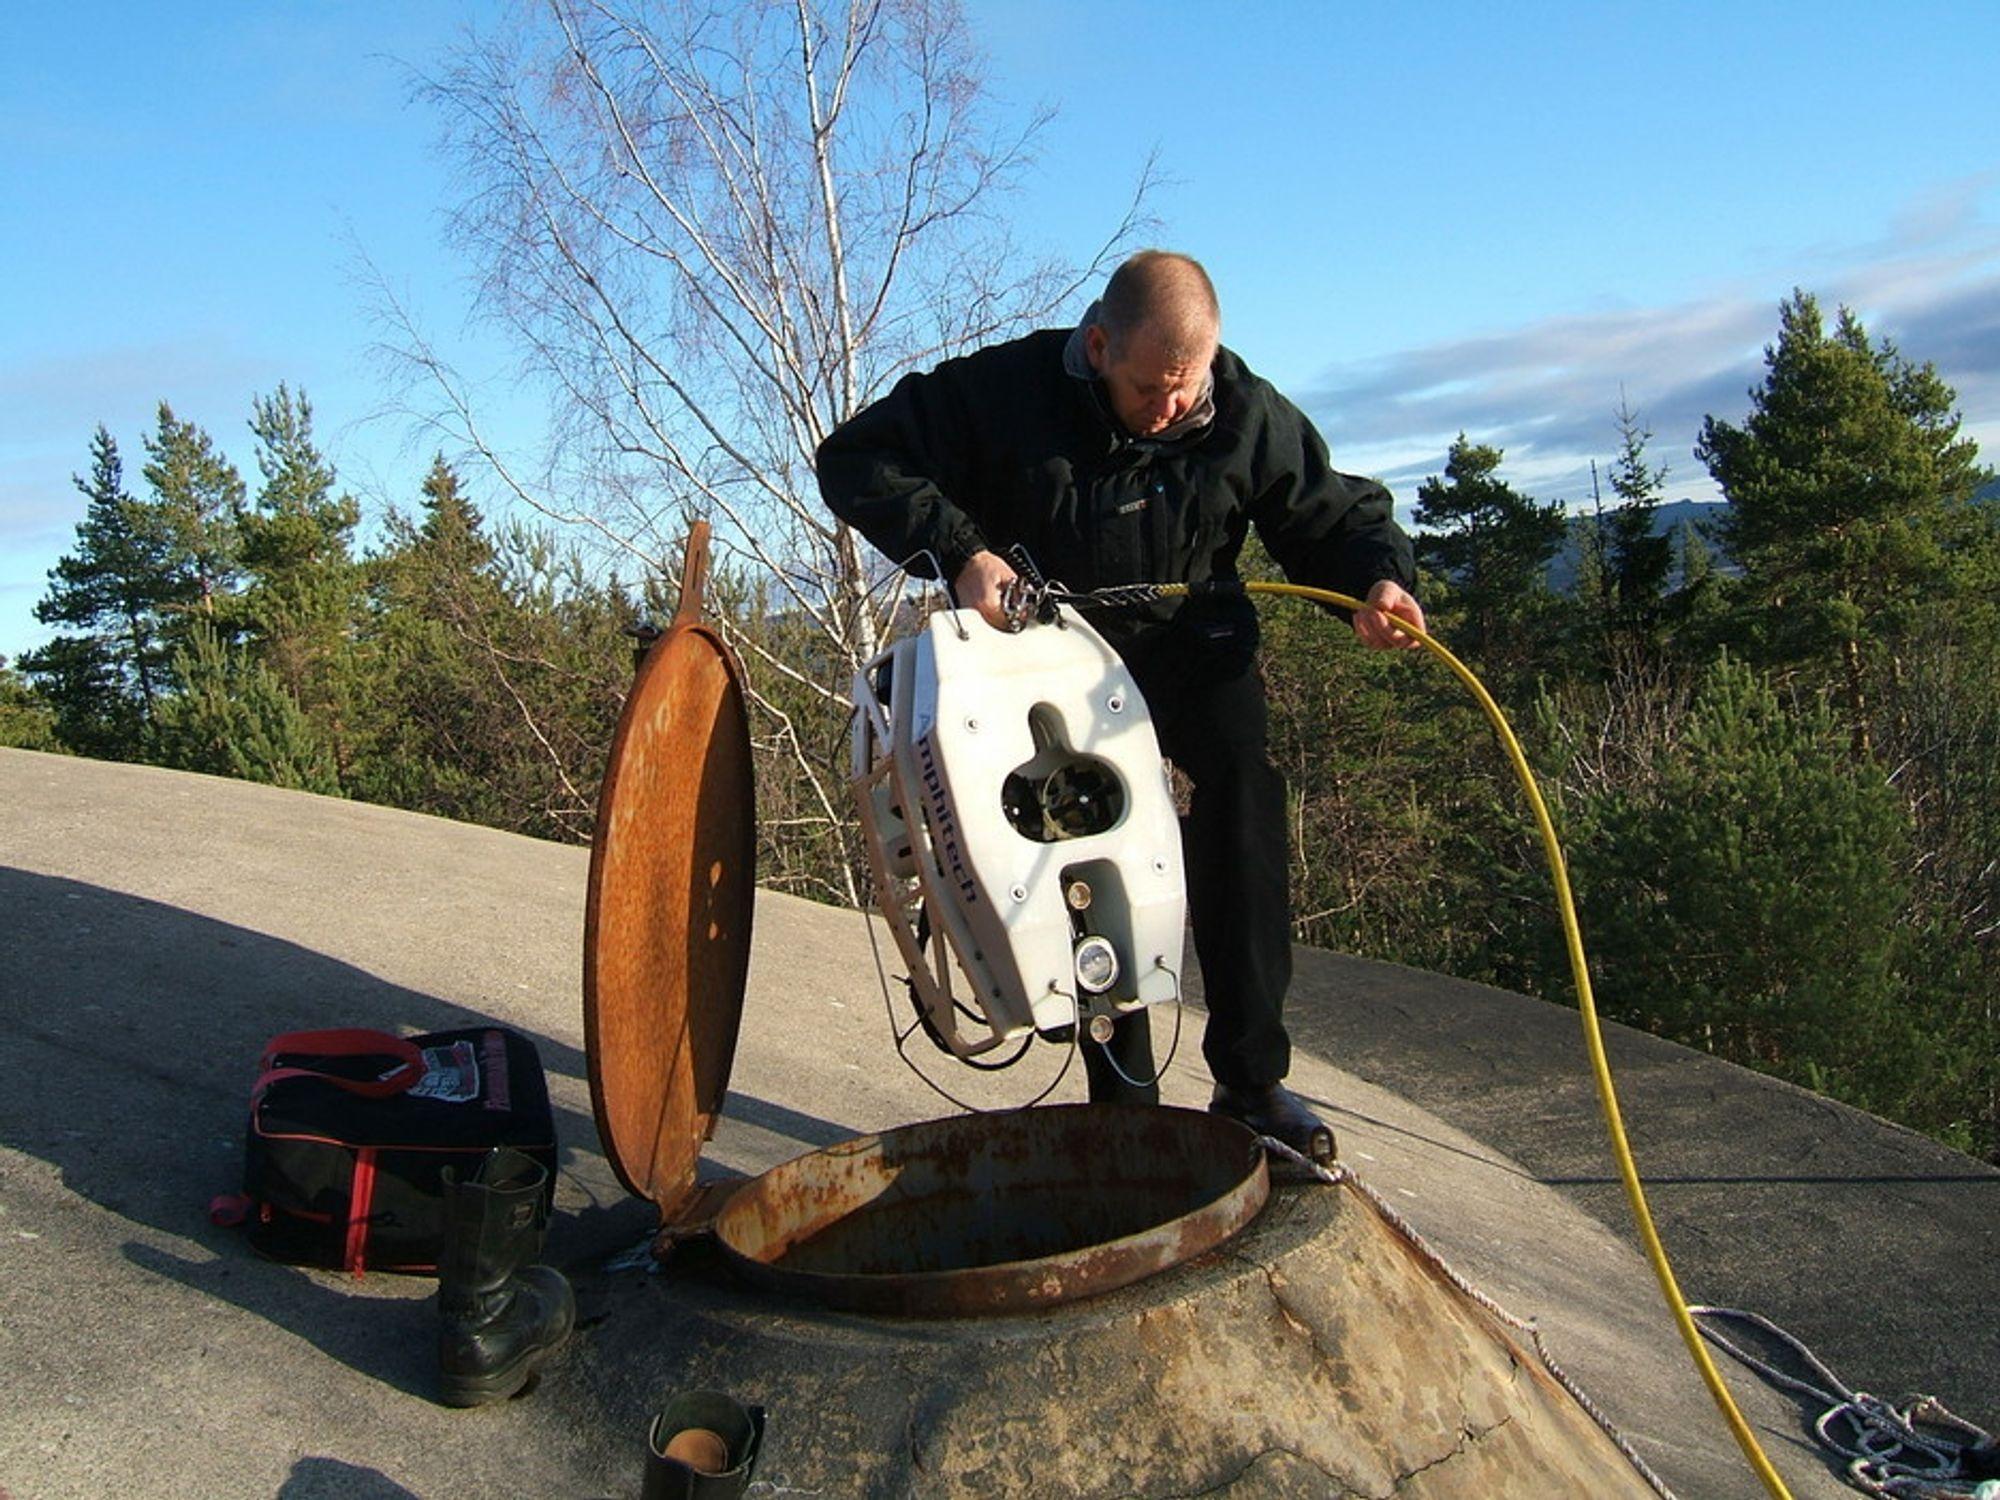 ENKEL KONTROLL: Arne Cederblad fra svenske Amphi-Tech senker roboten ned i et av vannbassengene til Kongsvinger kommune. Roboten er utstyrt med fire motorer som styrer den etter signaler fra operatøren.